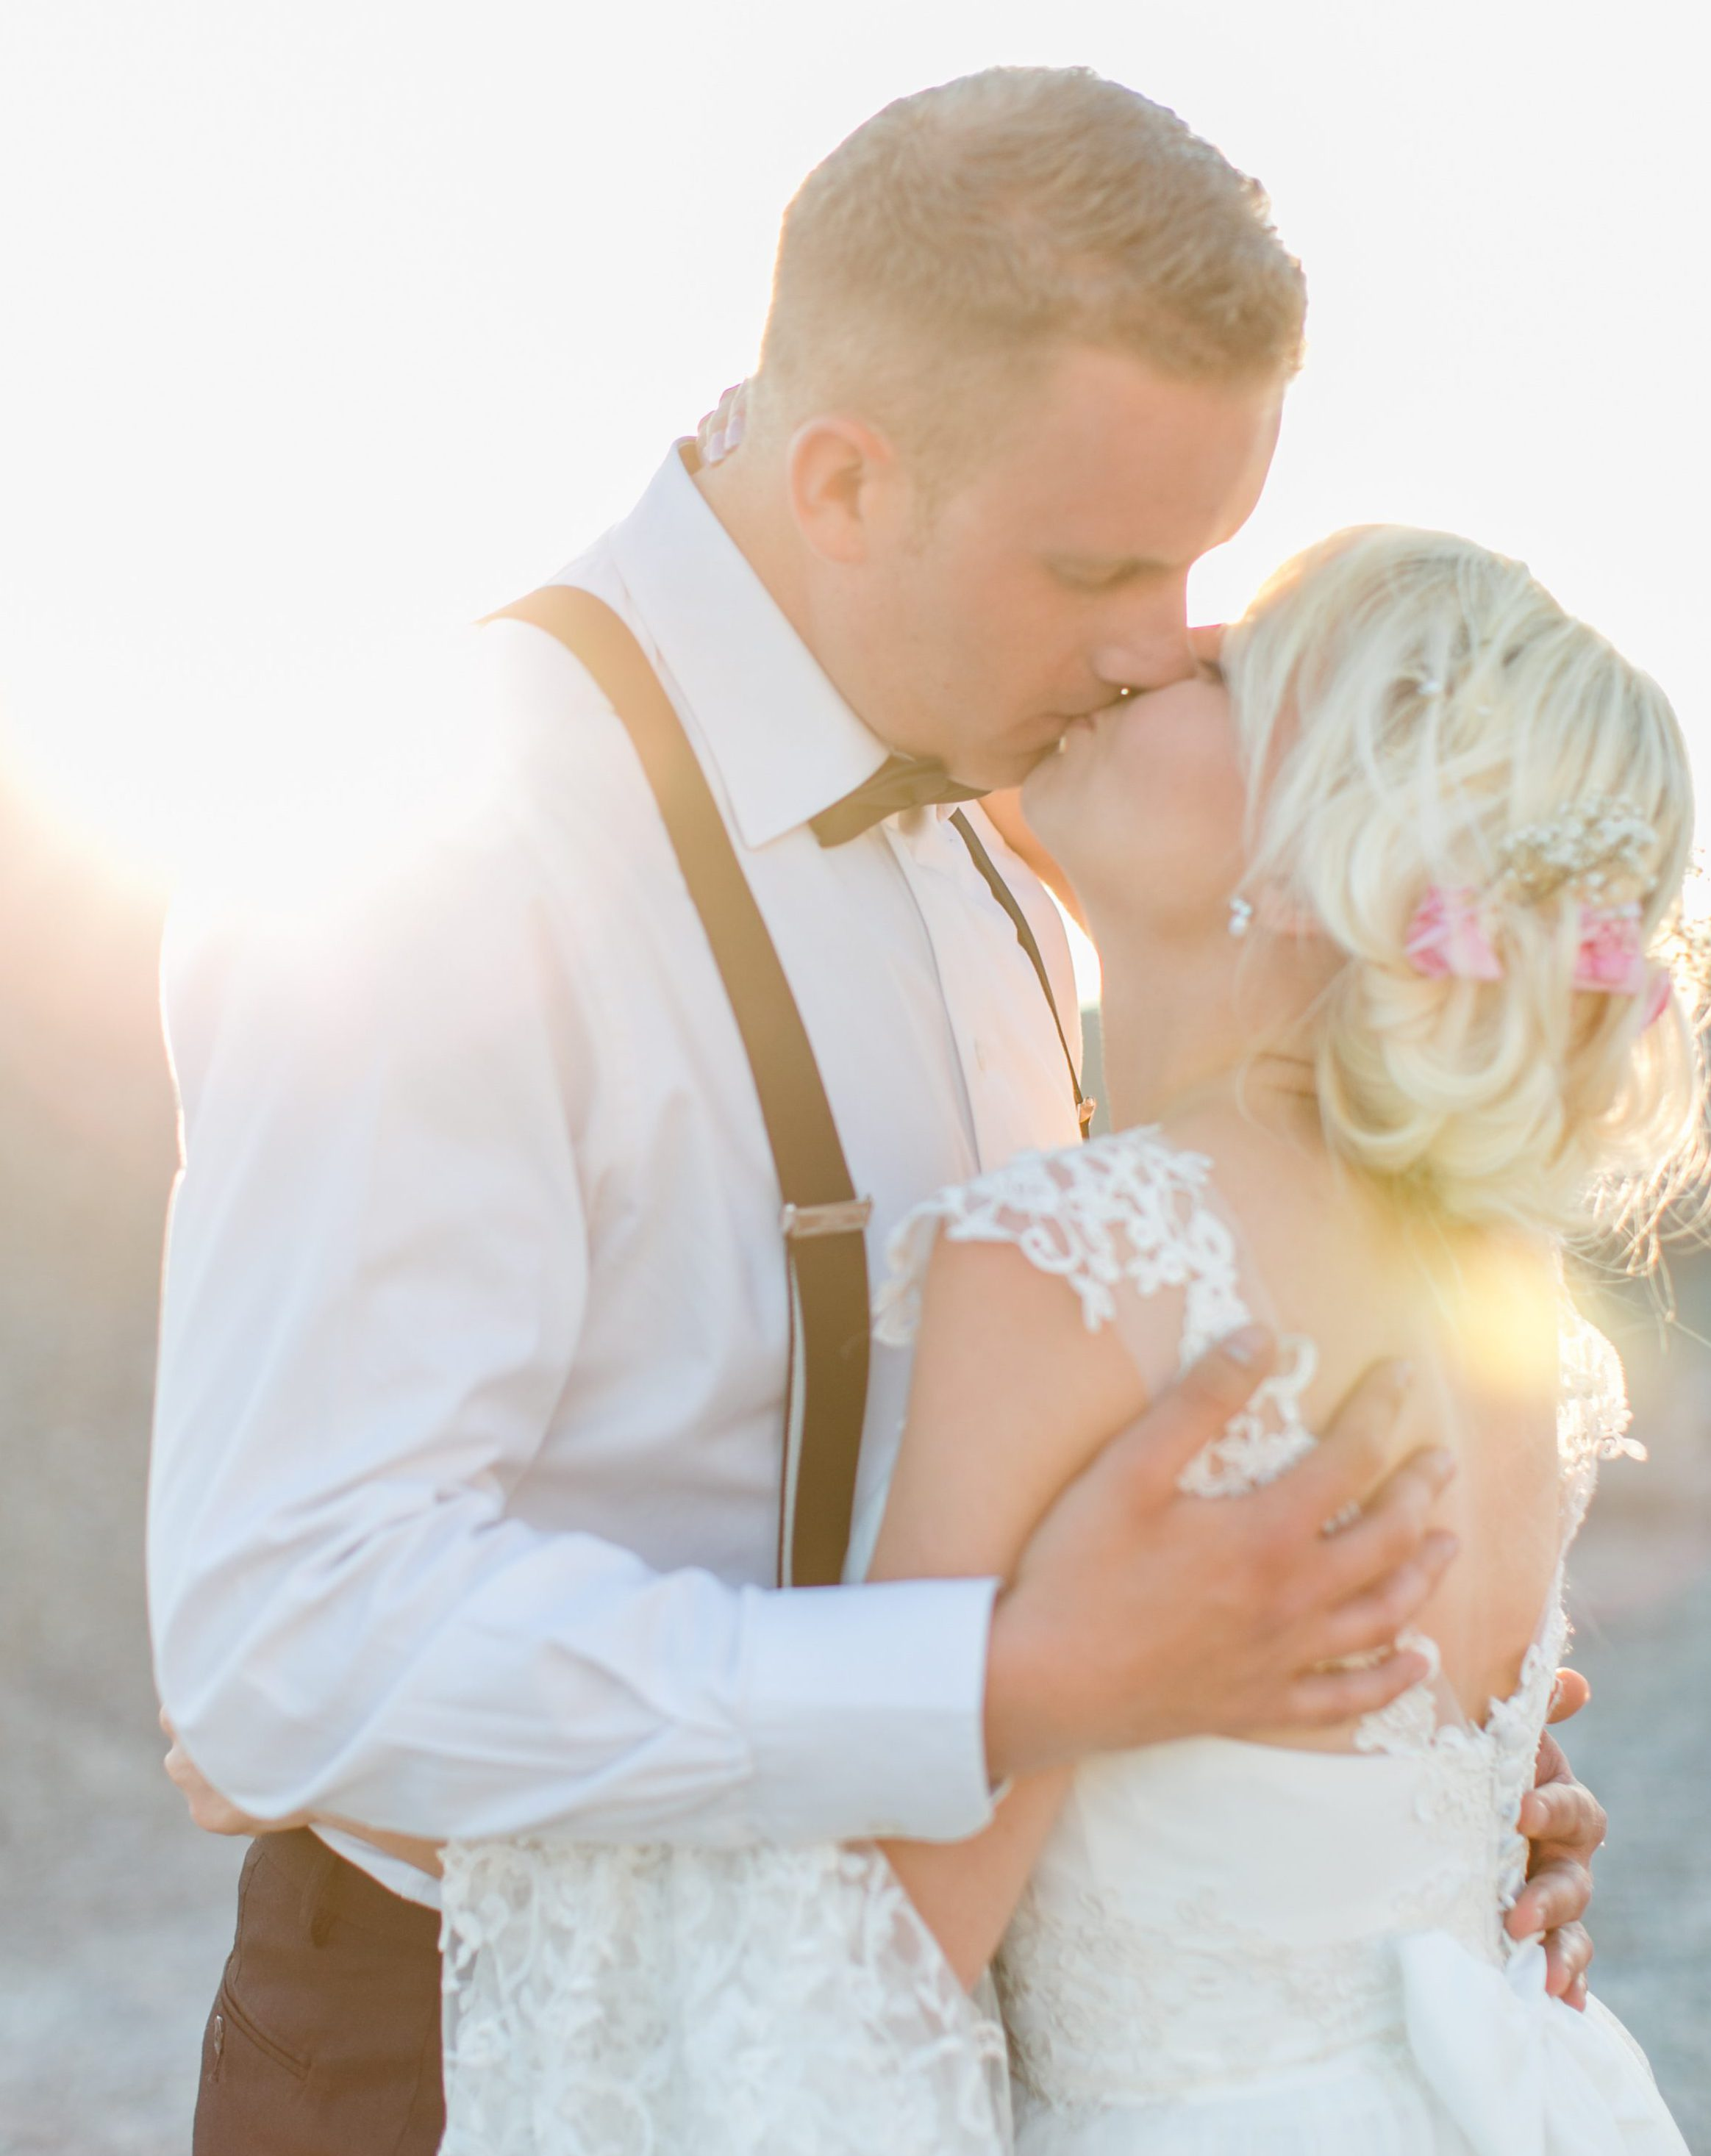 Eure Traumhochzeit - Hochzeitsrednerin Doreen Werding